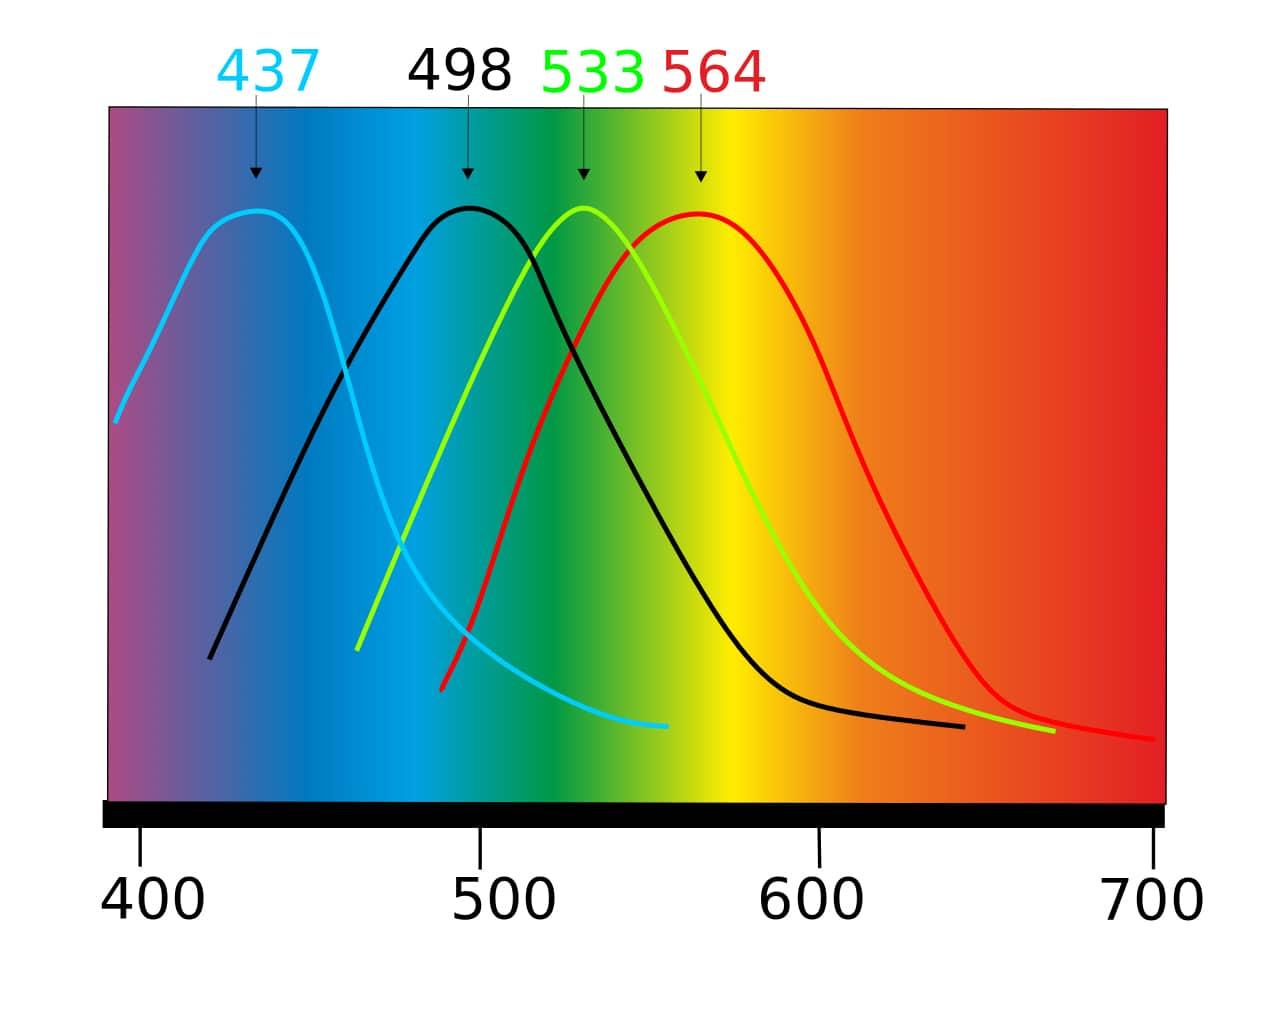 Absorption spectrum of cones